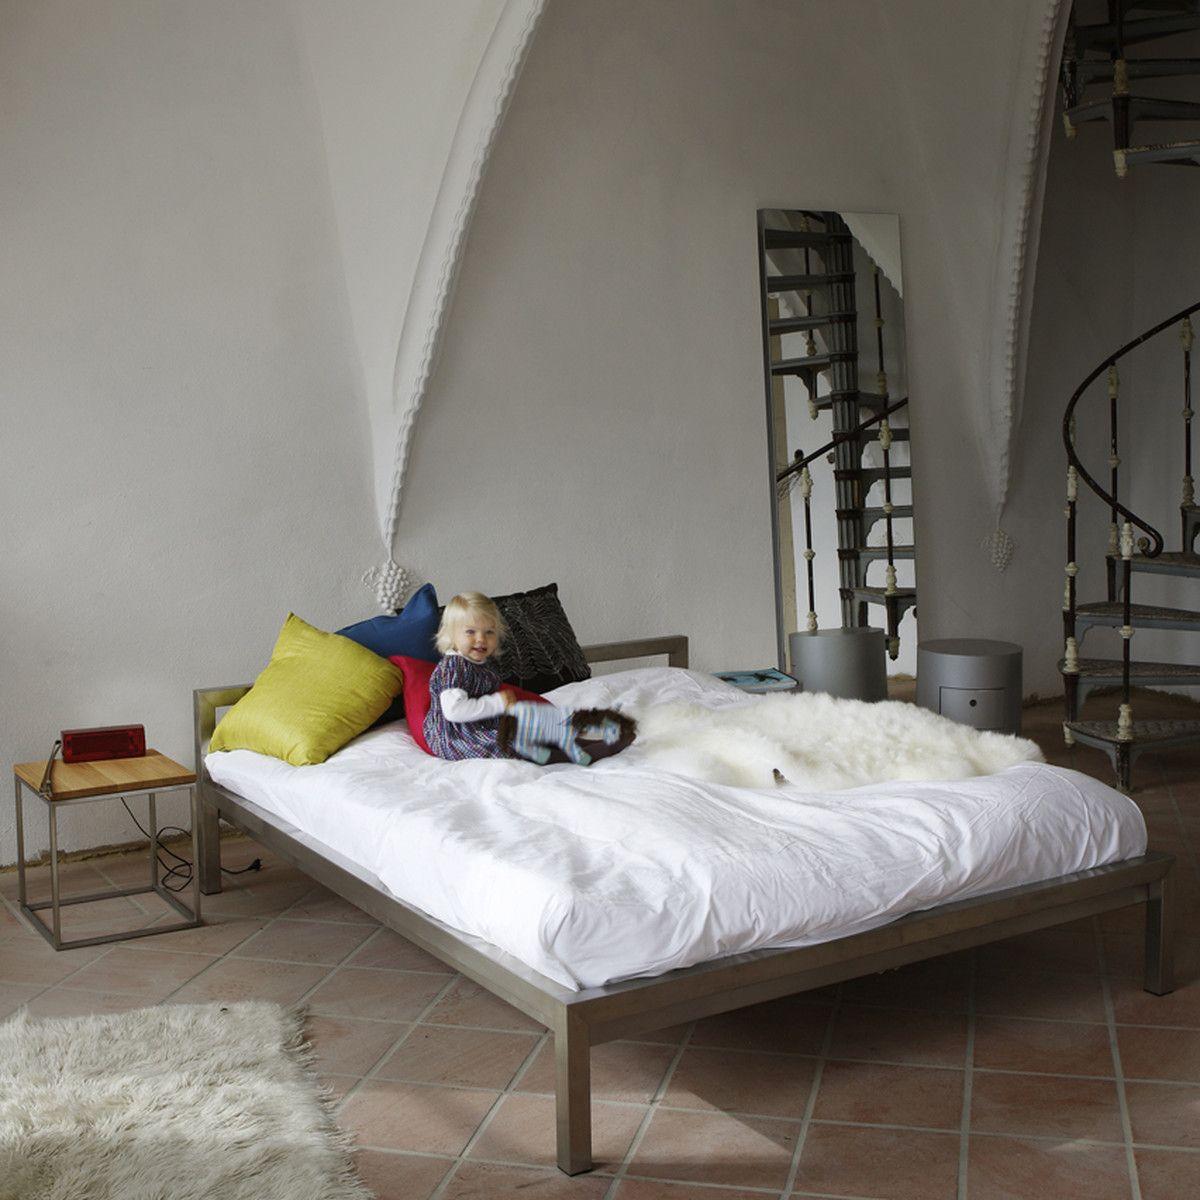 Schlafzimmer Einrichten Mit Zara Home: Kleines Schlafzimmer Ideen Einrichtung. Schlafzimmer Set